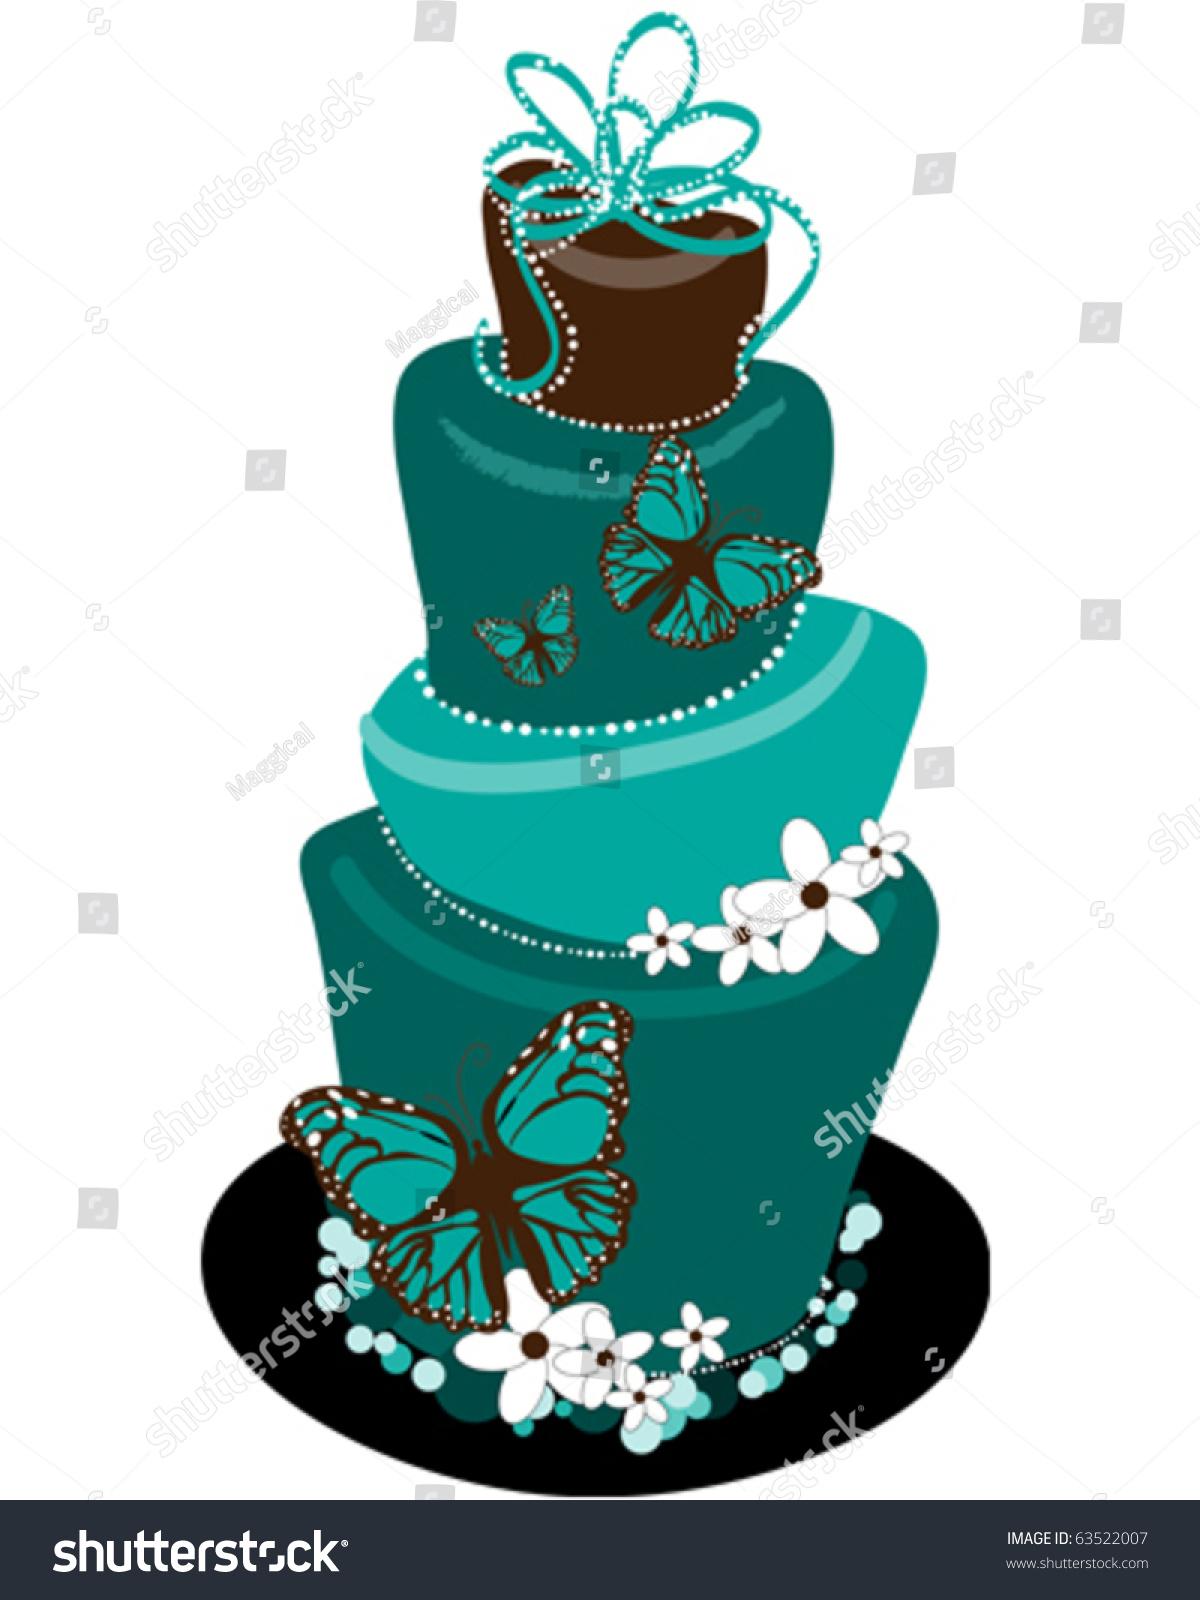 Whimsical Wedding Cake Stock Vector Illustration 63522007